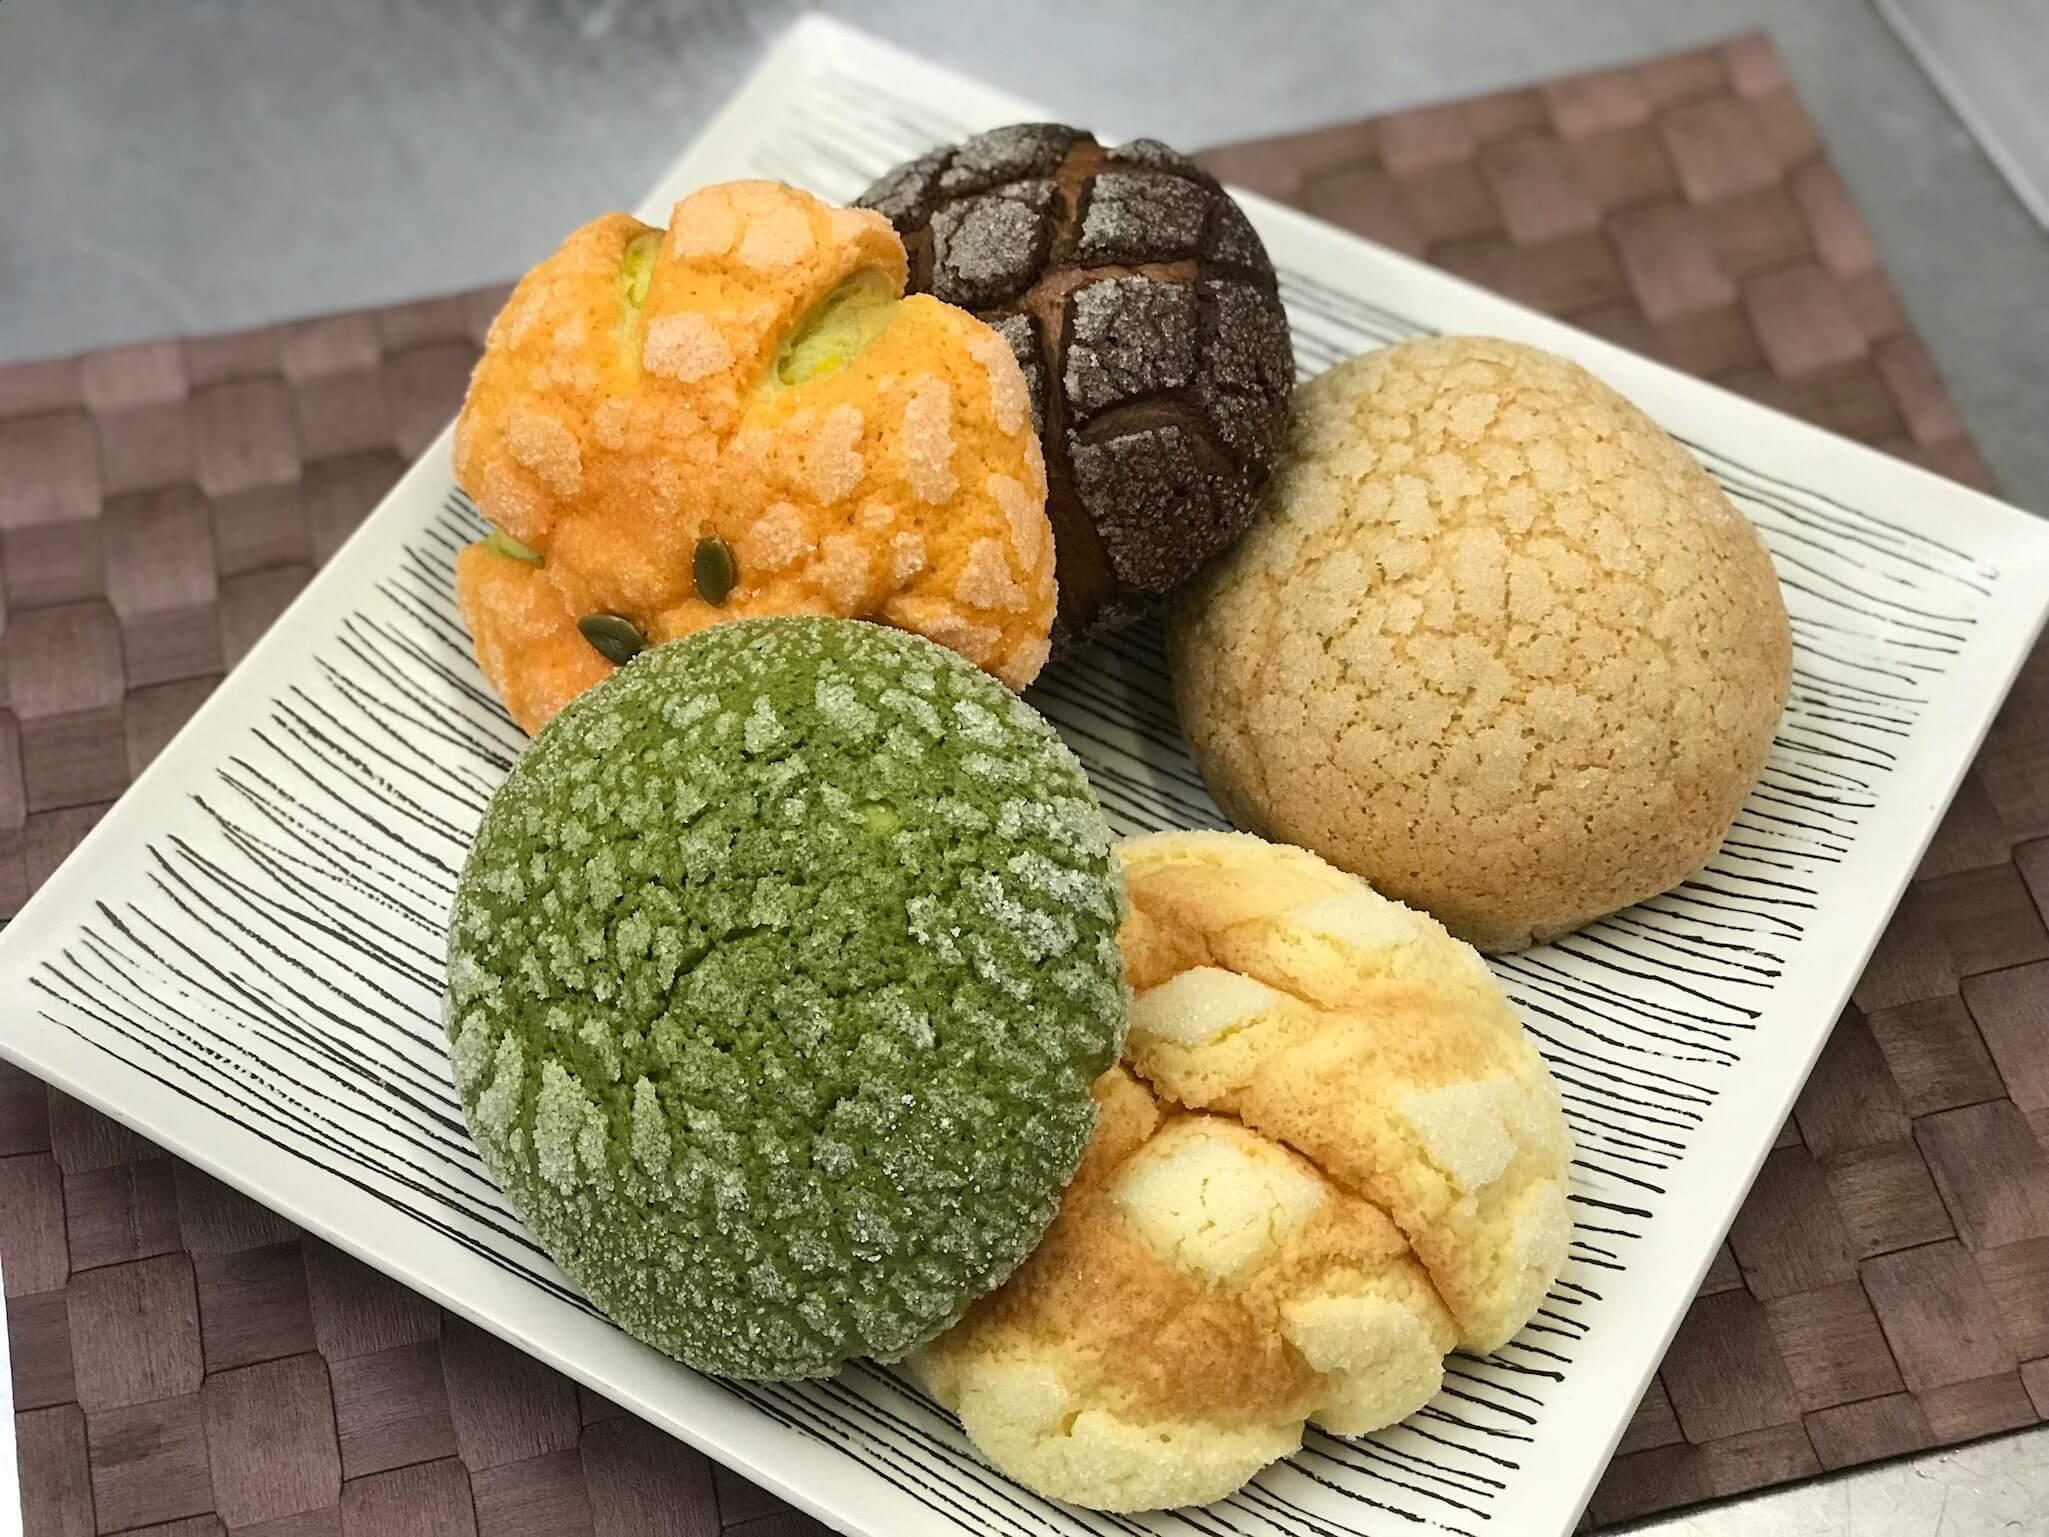 話題のメロンパン専門店「 Melon de melon(メロン・ドゥ・メロン)」のバラエティー溢れるメロンパンに思わず笑顔♫